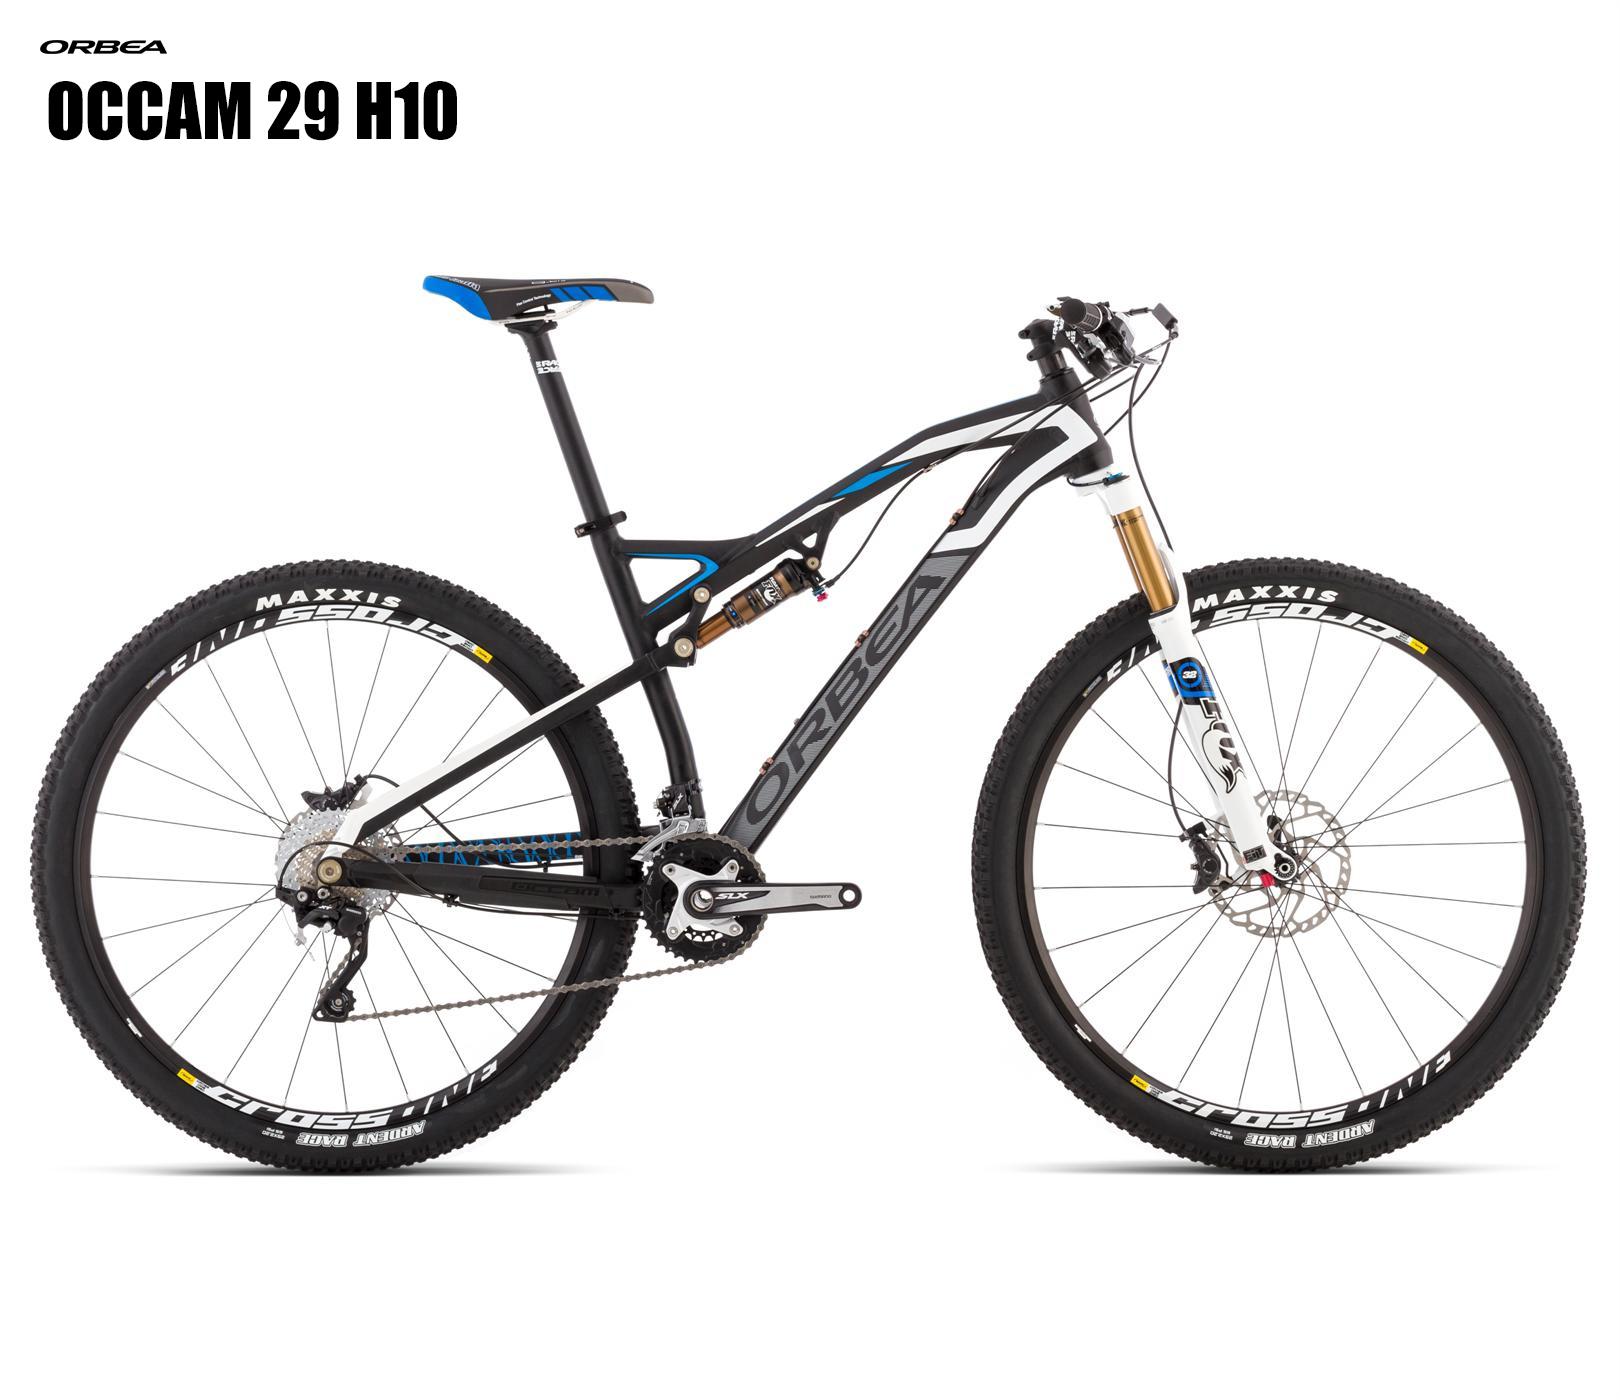 D248TTCC-DA-SIDE-OCCAM 29 H10